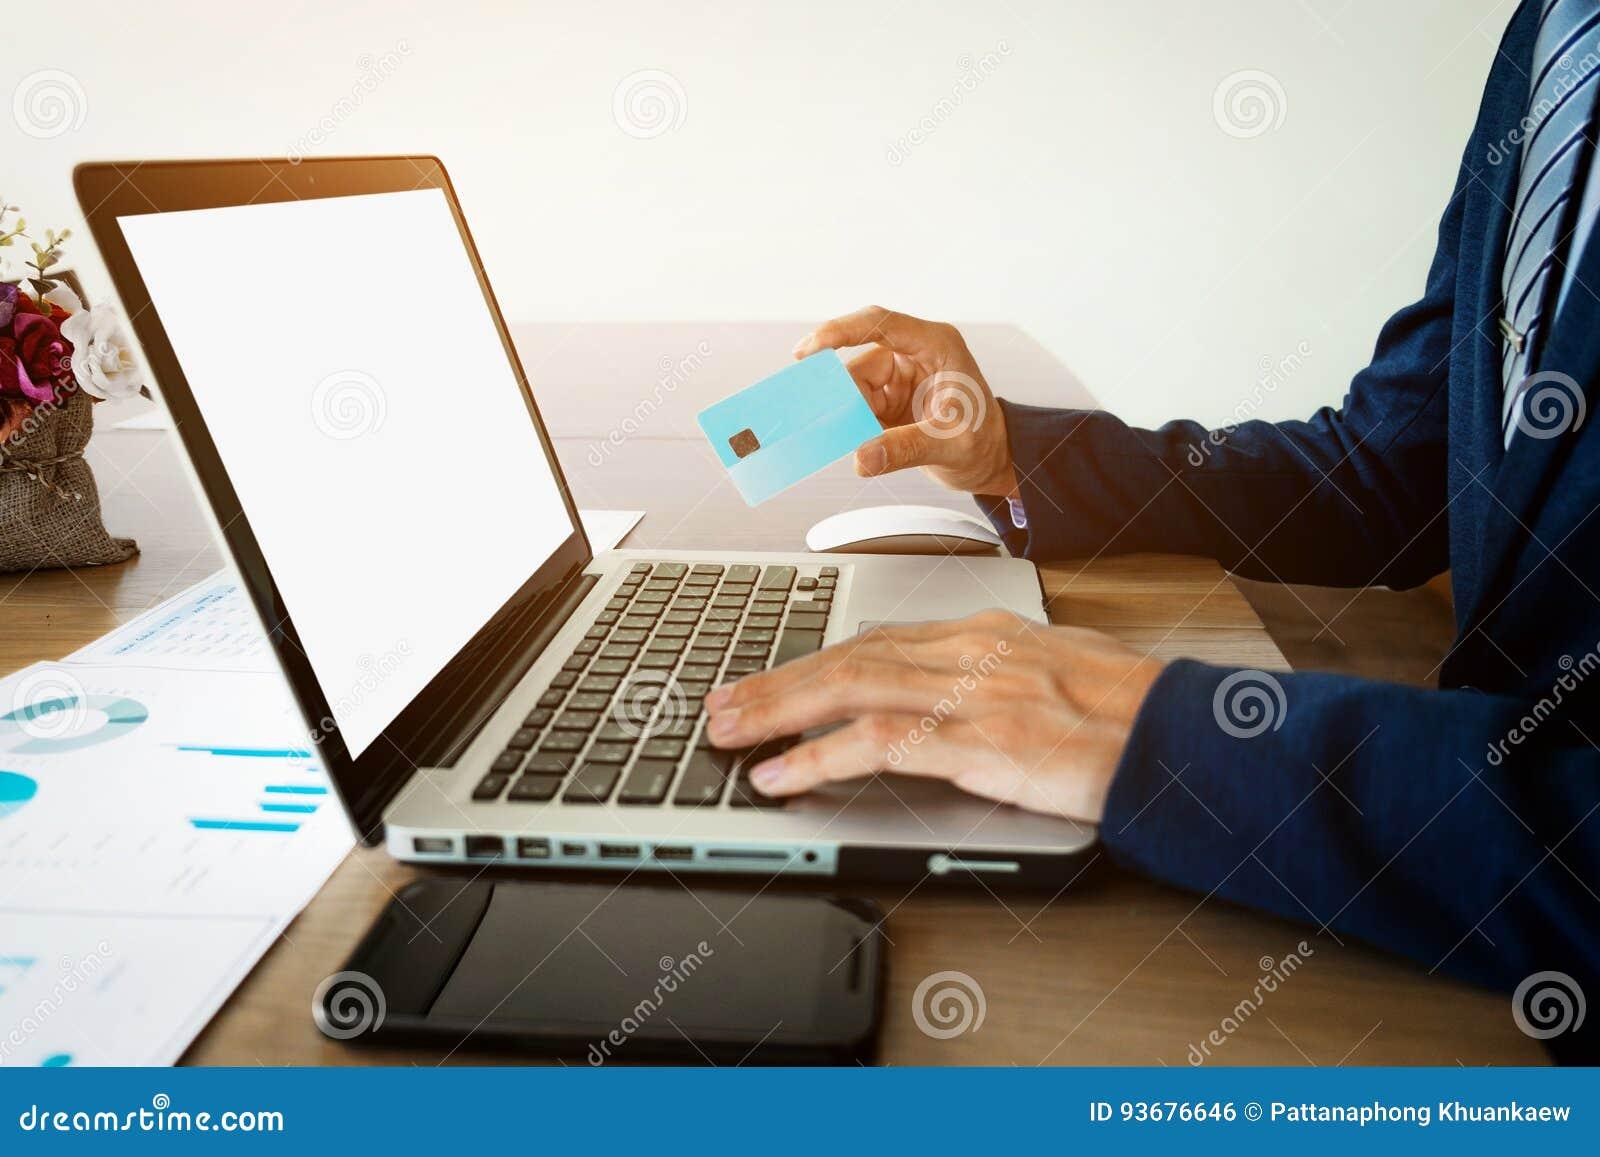 O close-up do homem entrega guardar o cartão, trabalhando no portátil a